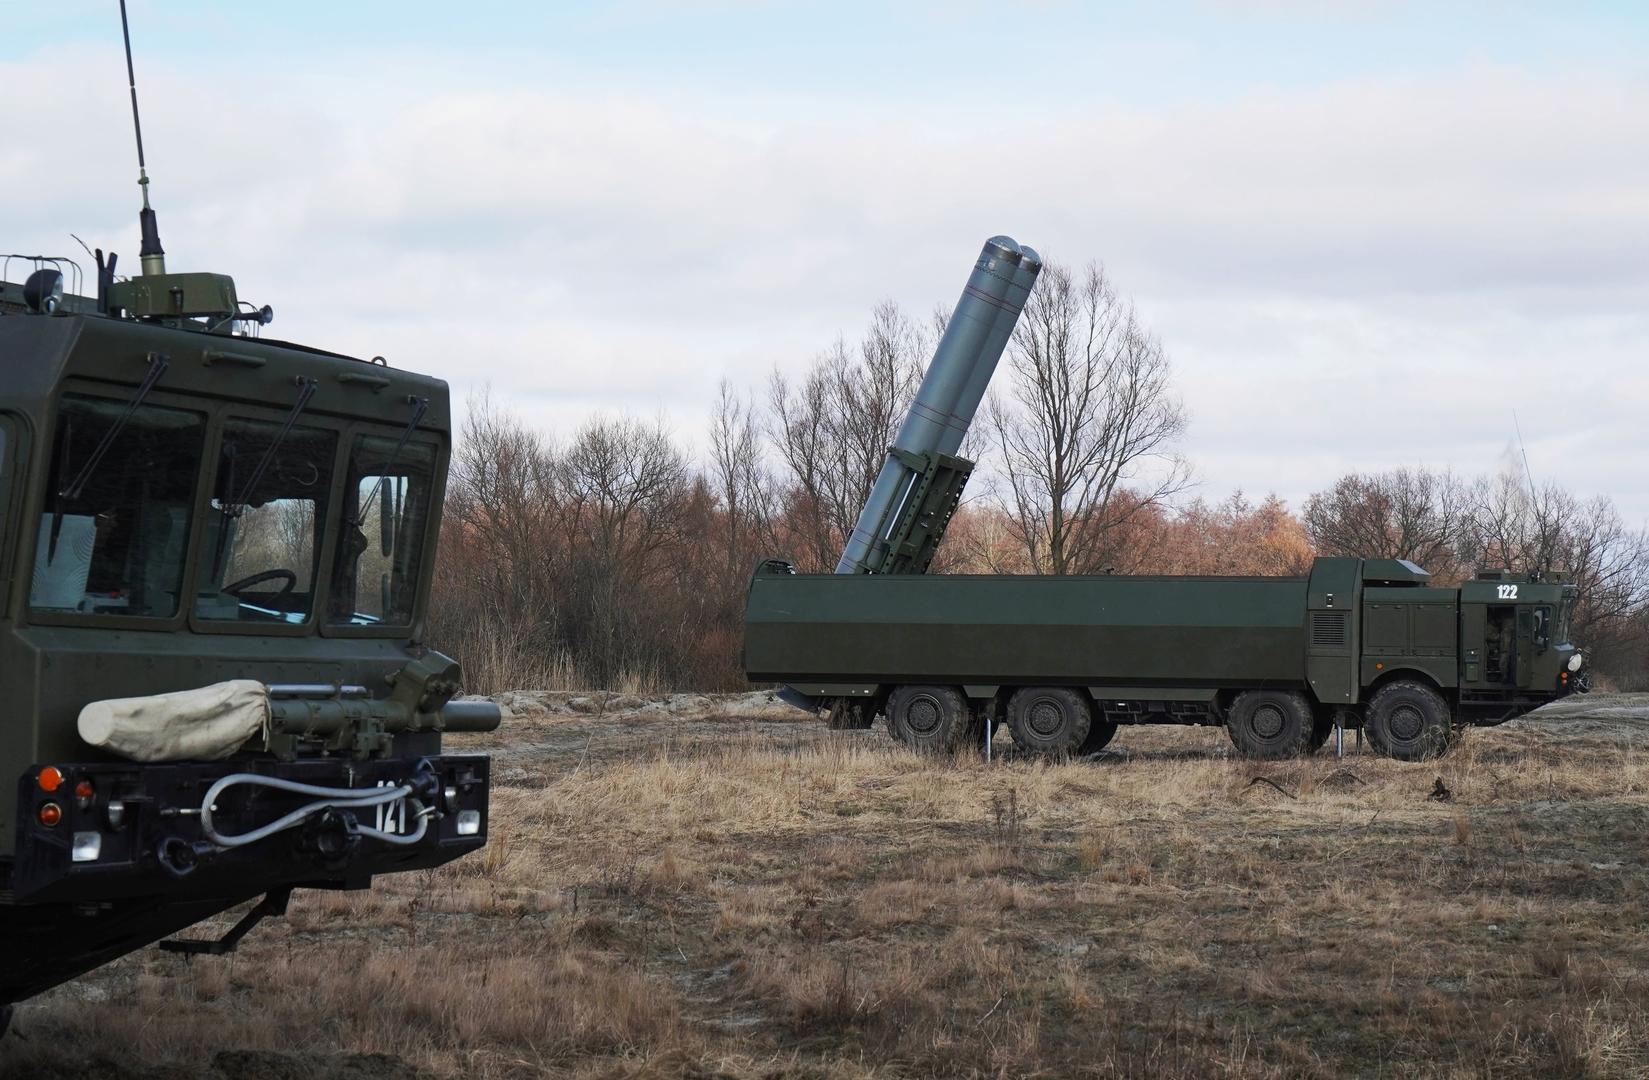 تقرير إسرائيلي: مصر تسعى للحصول على سلاح روسي رادع لتركيا وإسرائيل (صور)